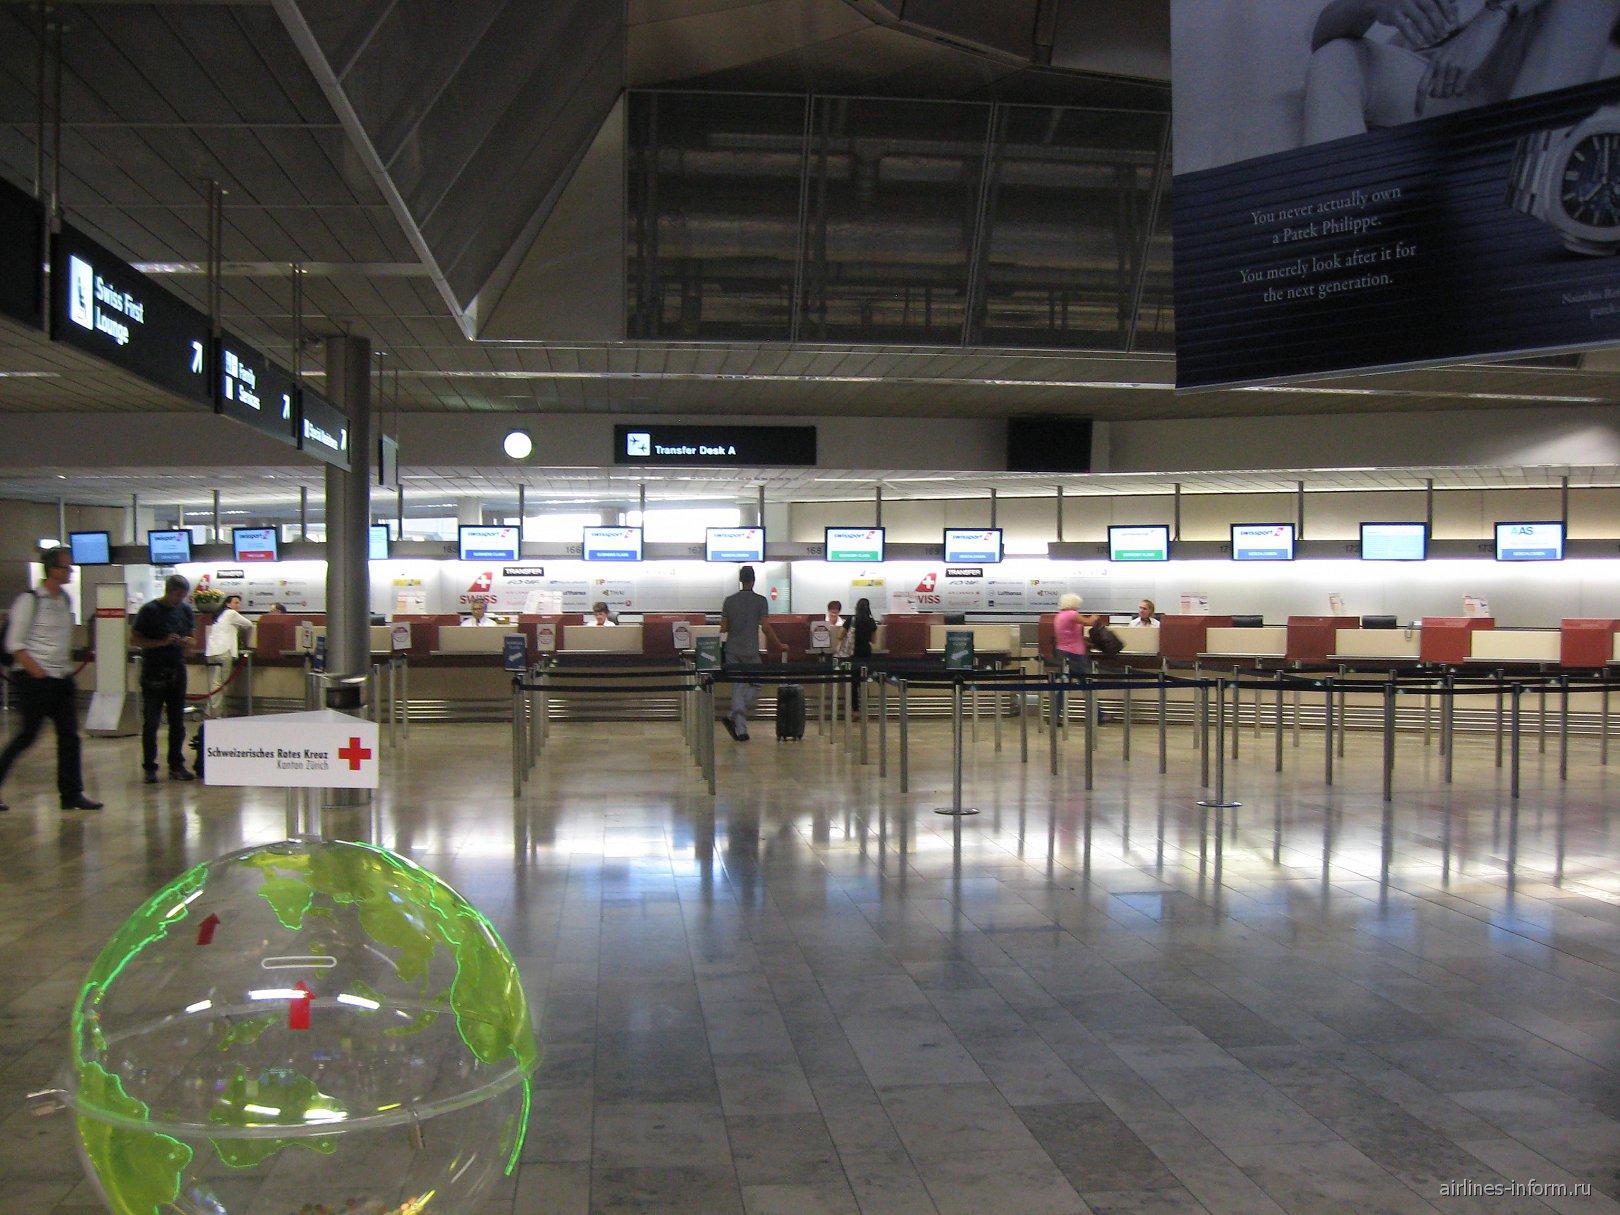 Пункты обслуживания трансферных пассажиров в аэропорту Цюрих